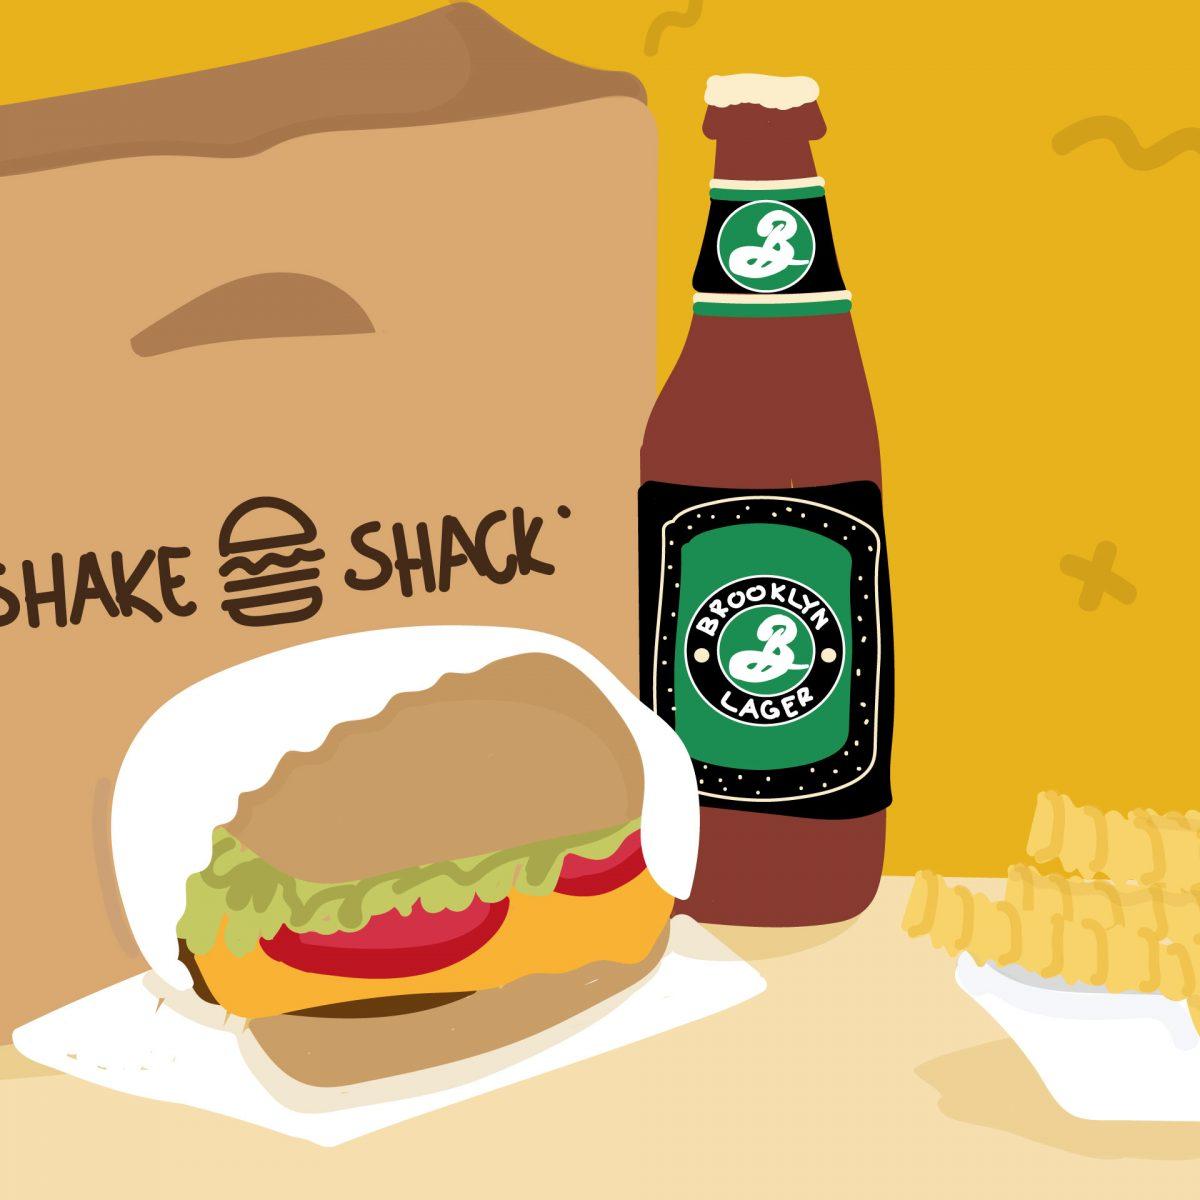 Shake Shack llegará a México revolucionando el concepto de comida rápida.